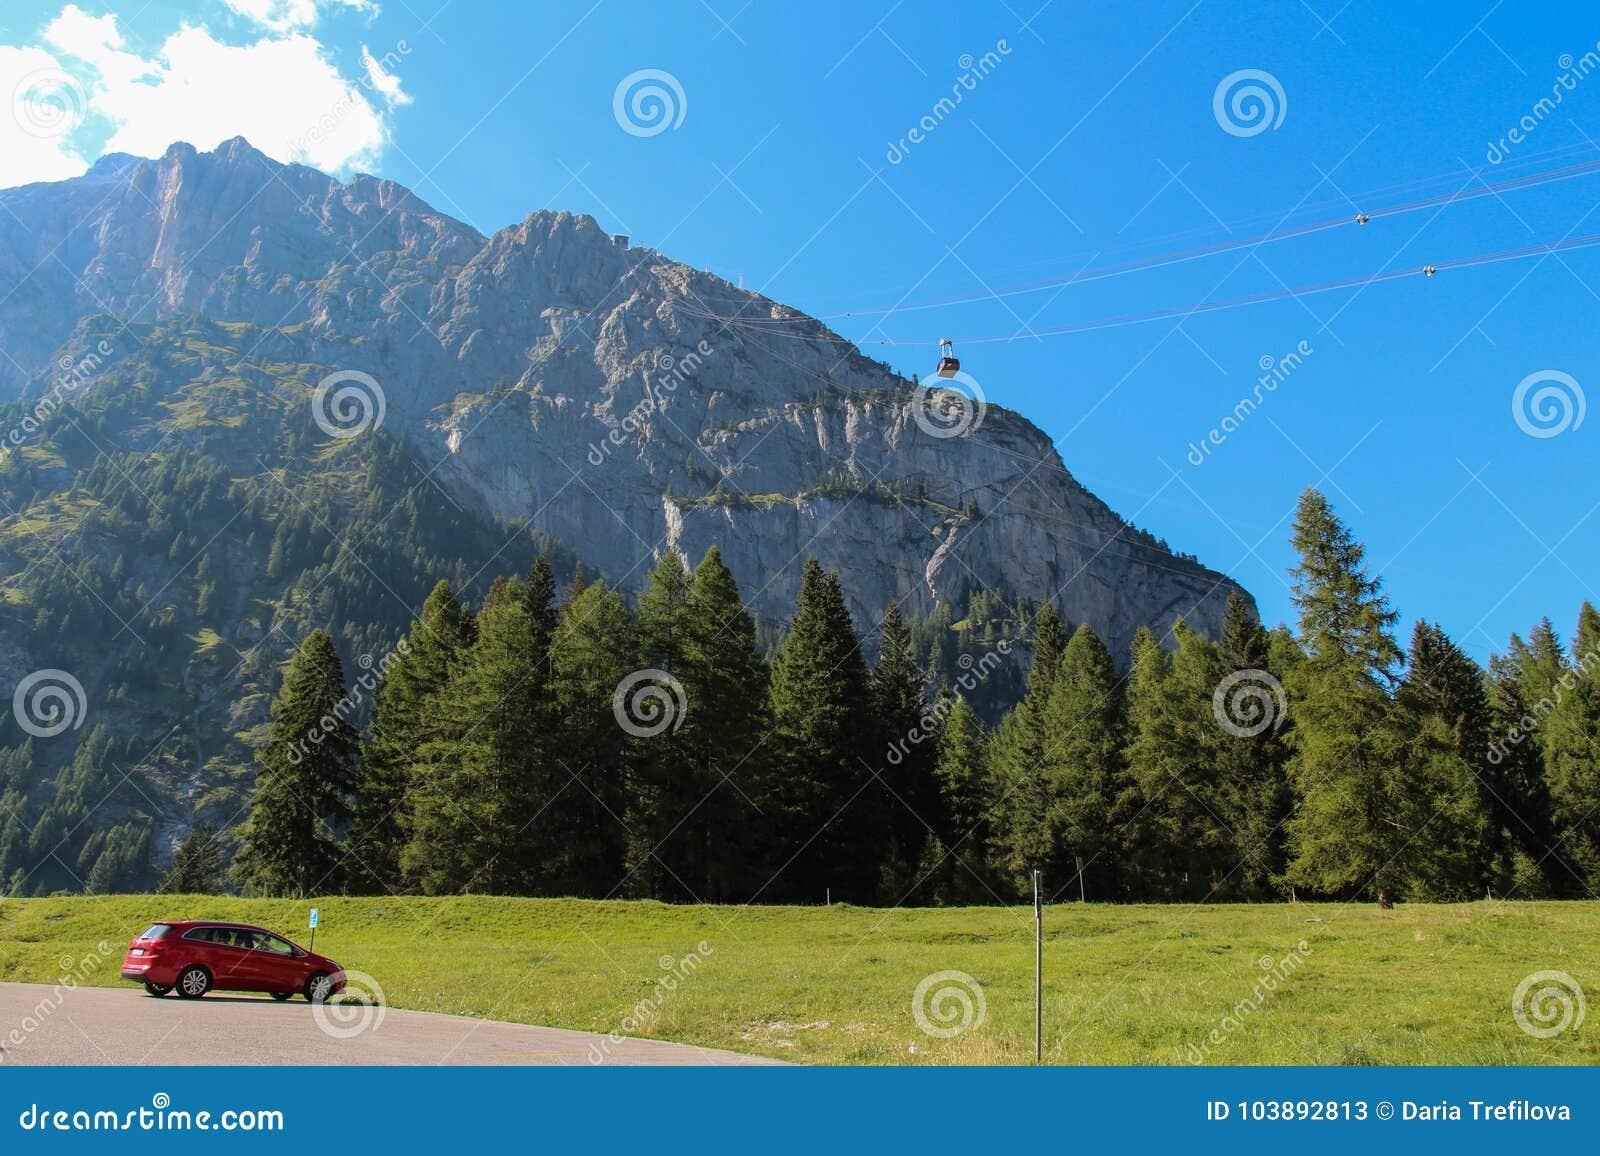 Paisaje del paisaje con el bosque, el macizo de la montaña y el teleférico verdes Malga Ciapela, Véneto, Italia